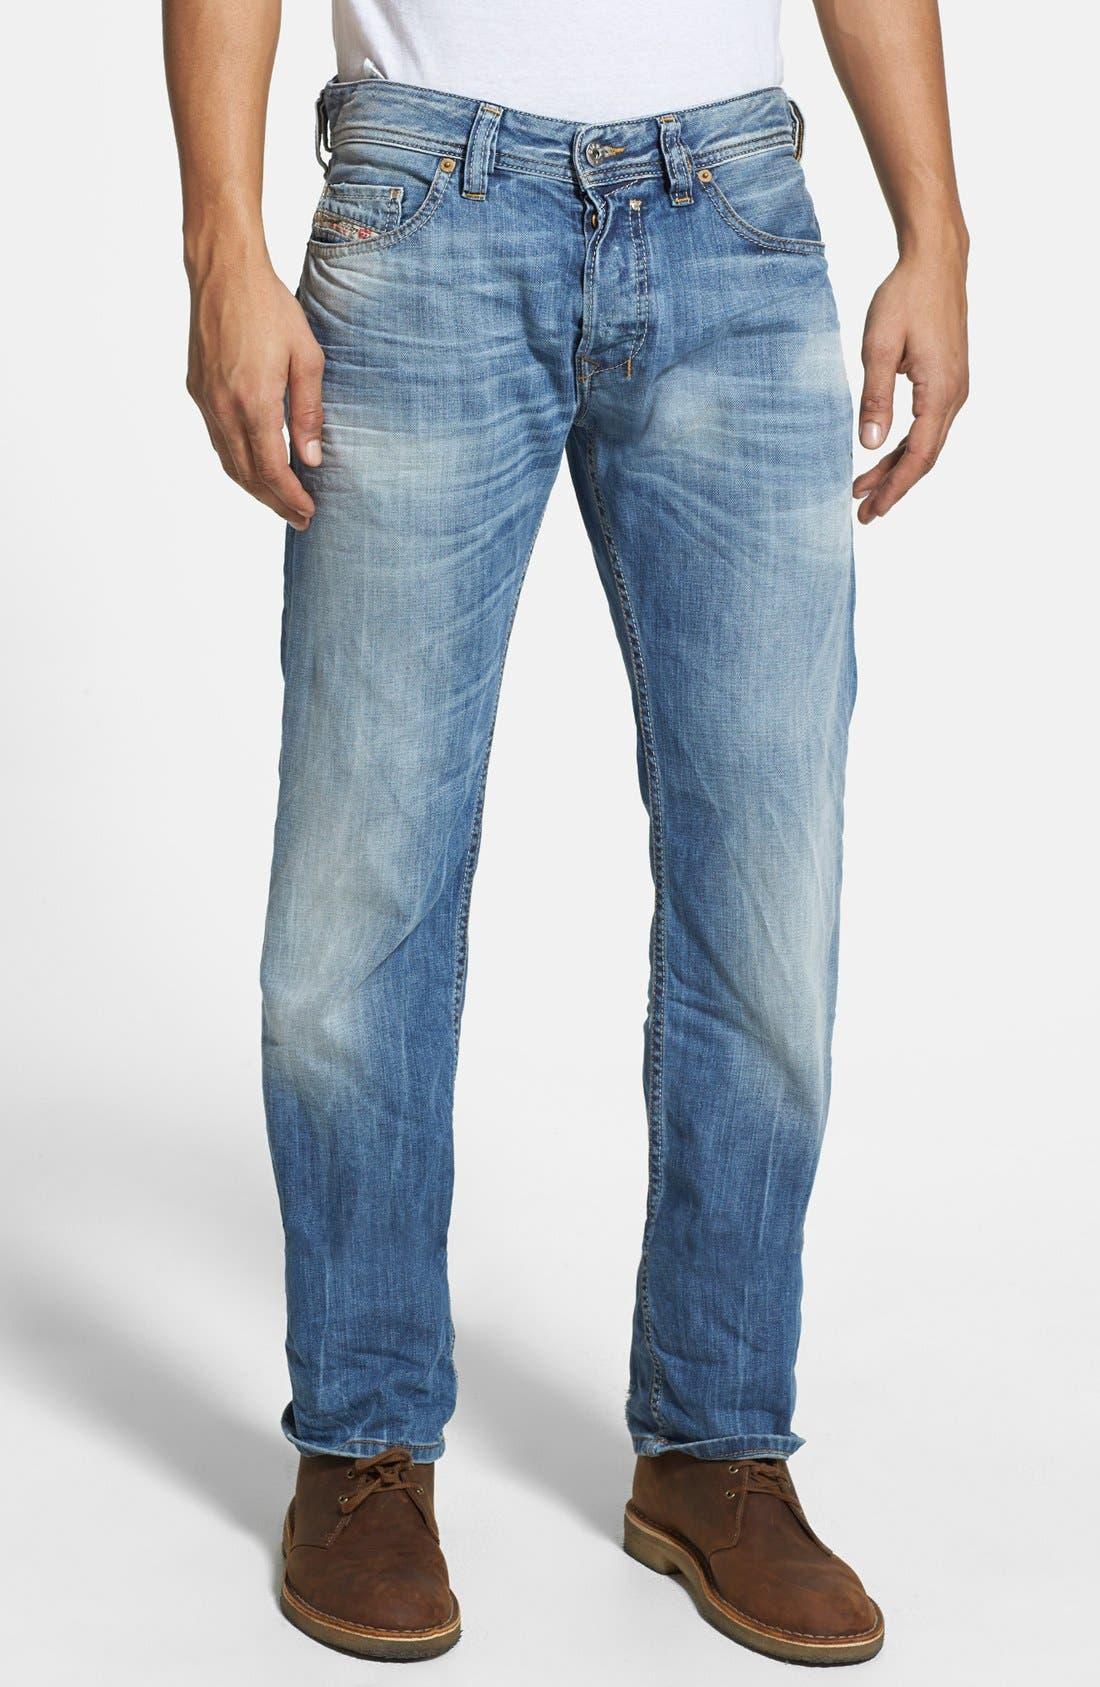 Alternate Image 1 Selected - DIESEL® 'Safado' Slim Fit Jeans (826D)